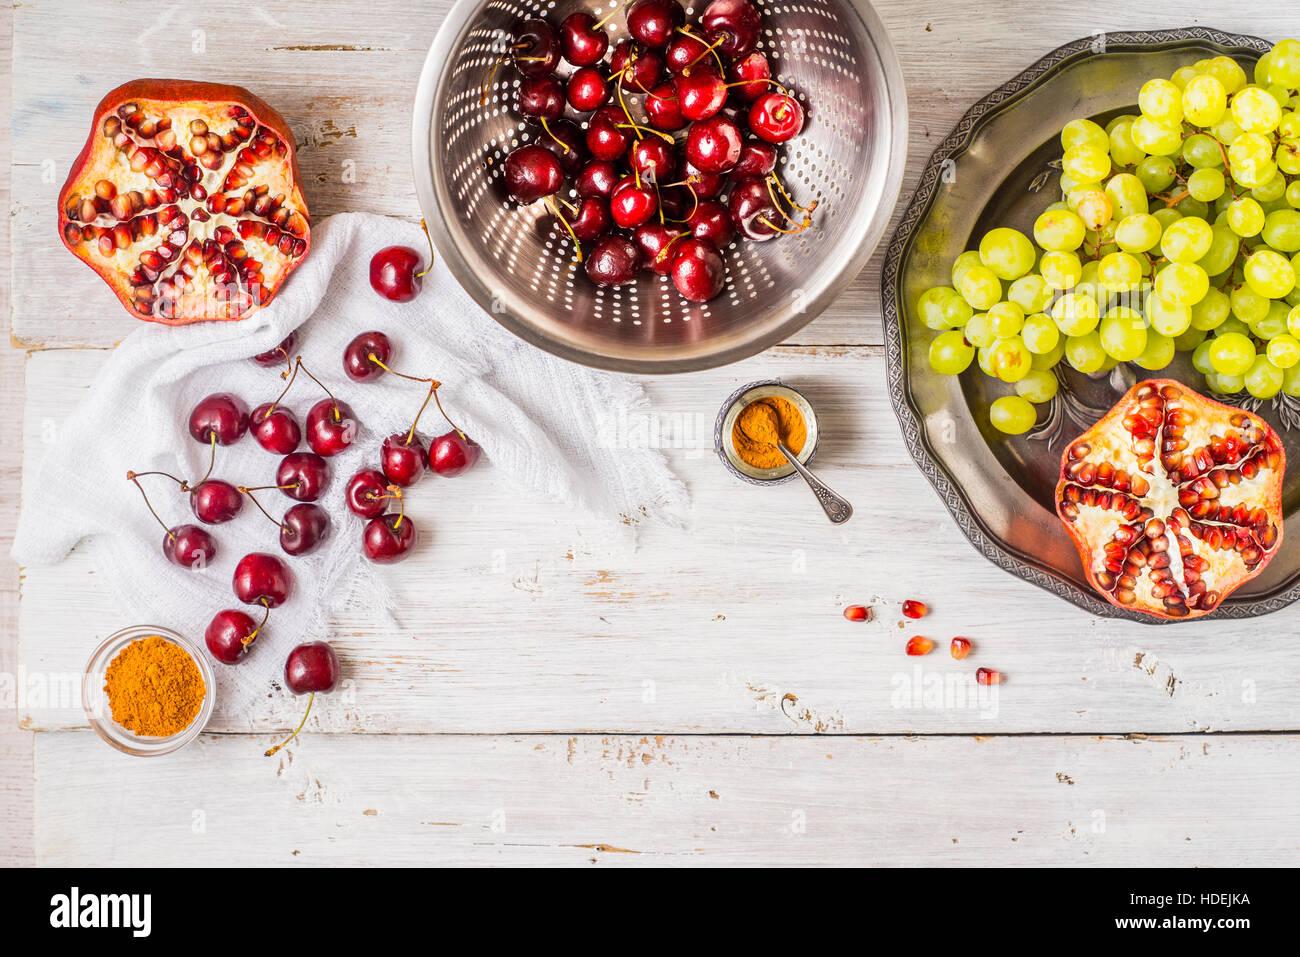 Verschiedenen Früchten und Gewürzen auf den weißen Holztisch. Konzept der horizontalen orientalische Stockbild